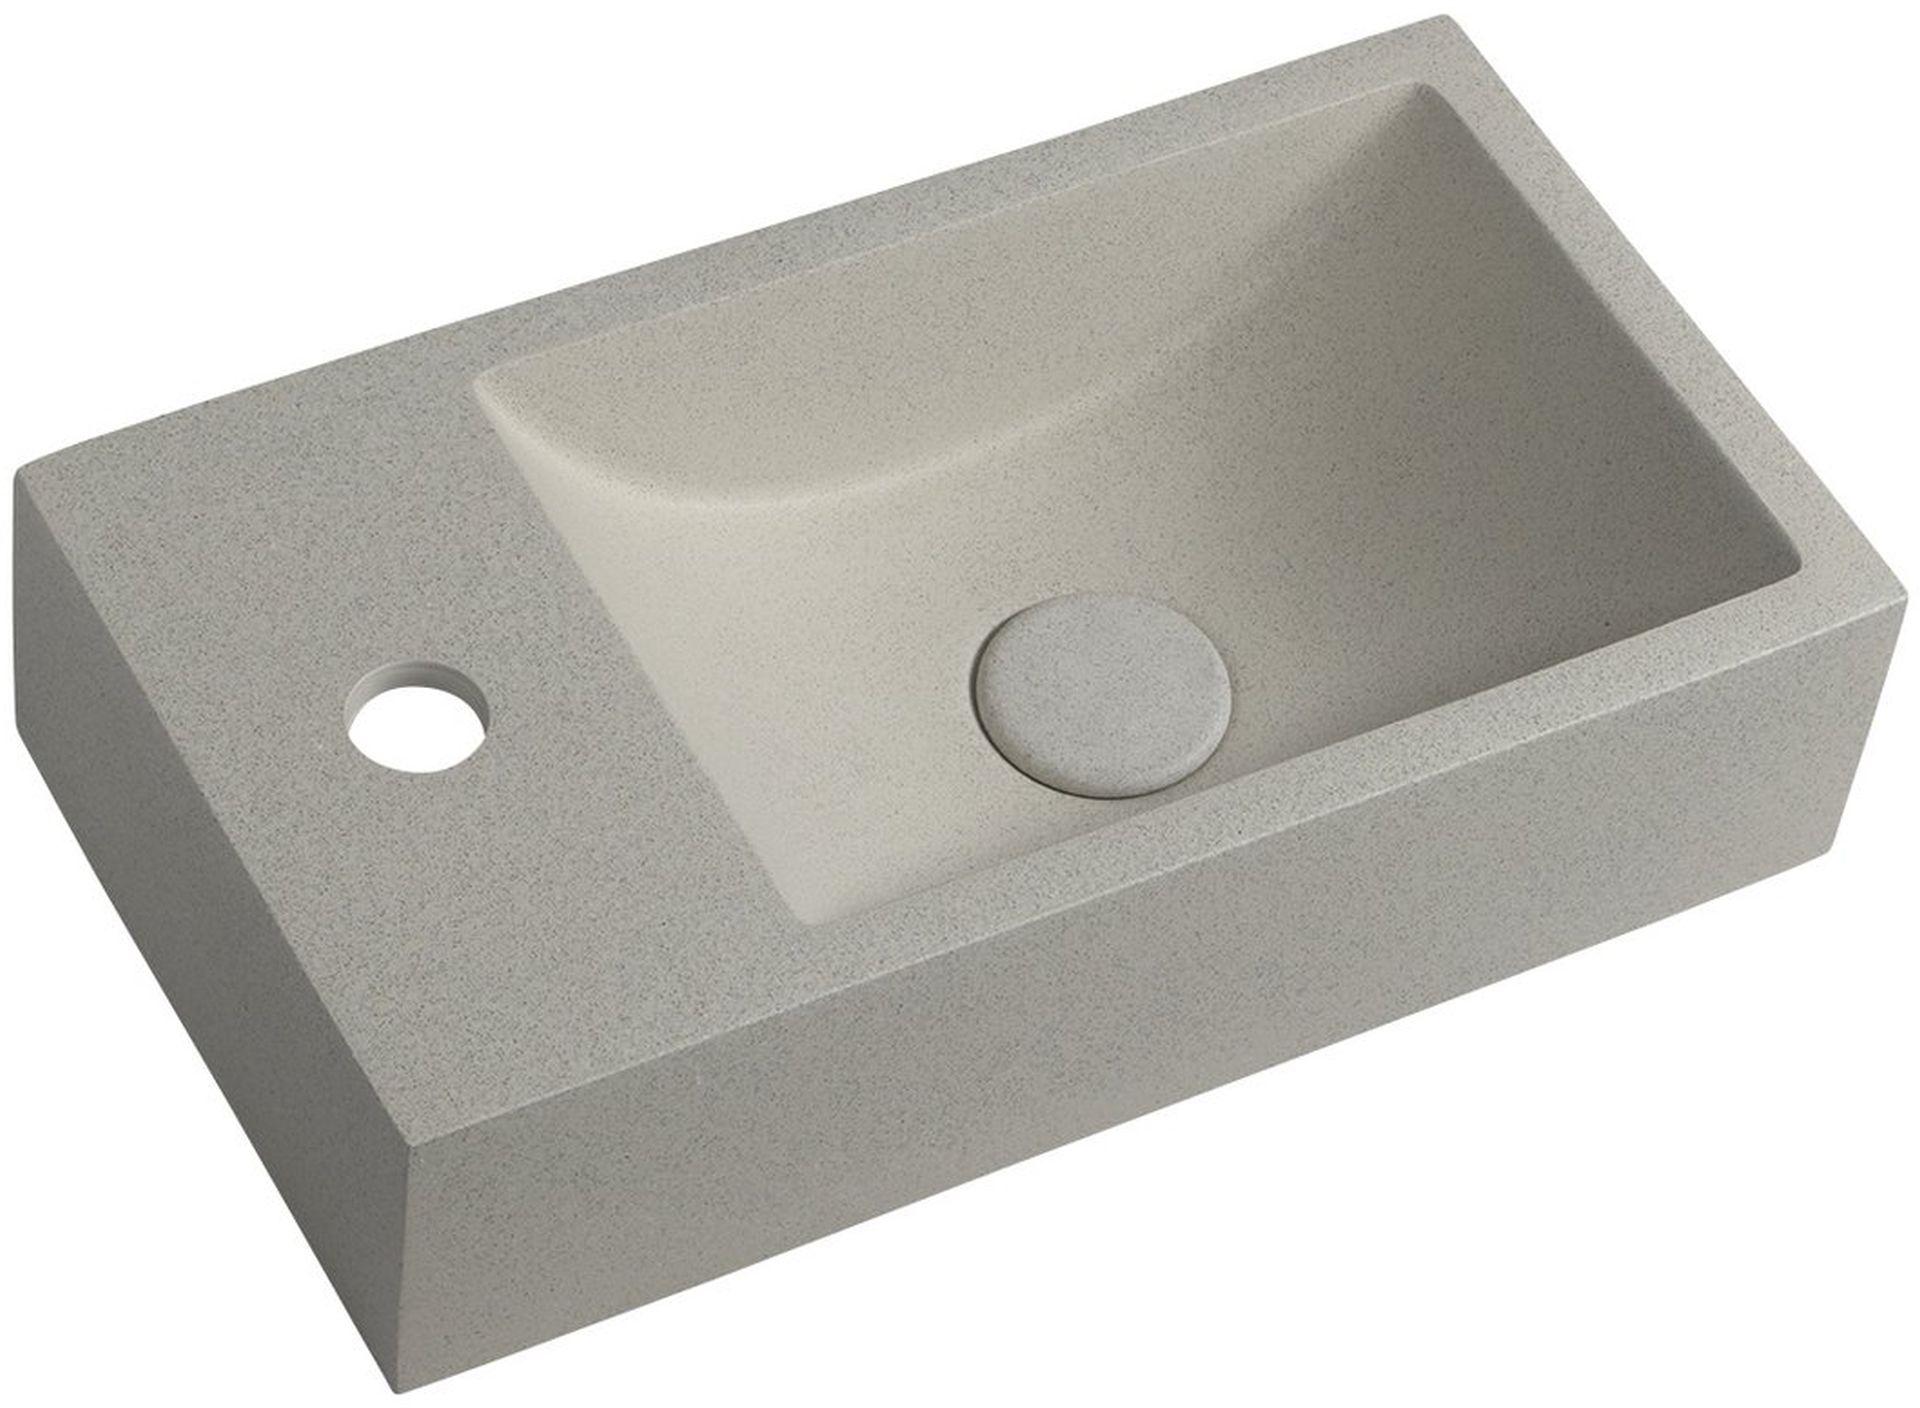 CREST L Betonové umyvadlo včetně výpusti, 40x22cm, levé, bílý pískovec AR410